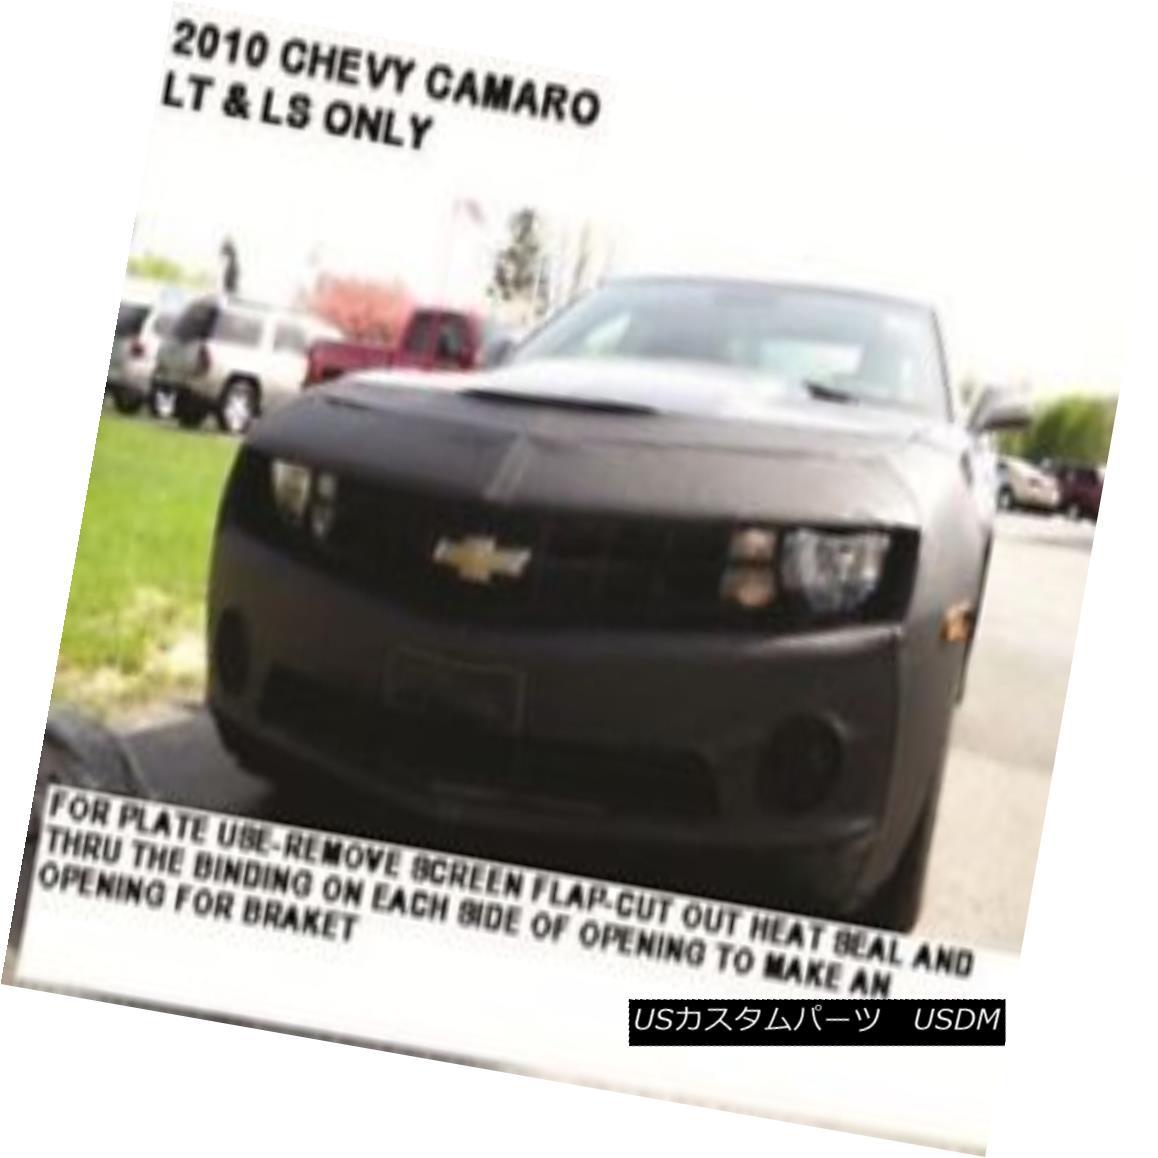 フルブラ ノーズブラ Lebra Front End Mask Cover Bra Fits 2010 2011 2012 2013 Chevy Camaro LT & LS Lebraフロントエンドマスクカバーブラフィット2010年2012年2012年Chevy Camaro LT& LS